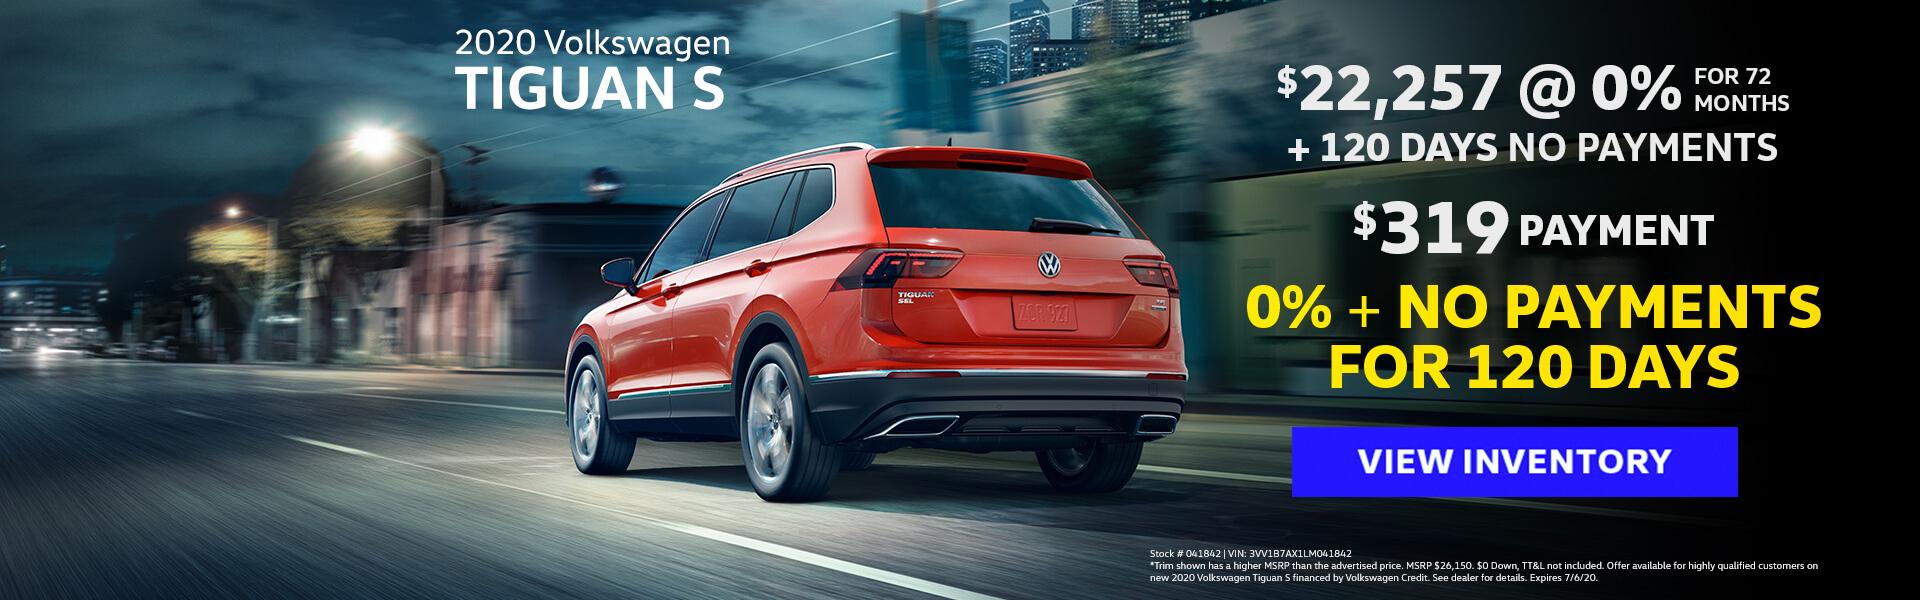 VW Tiguan Offer